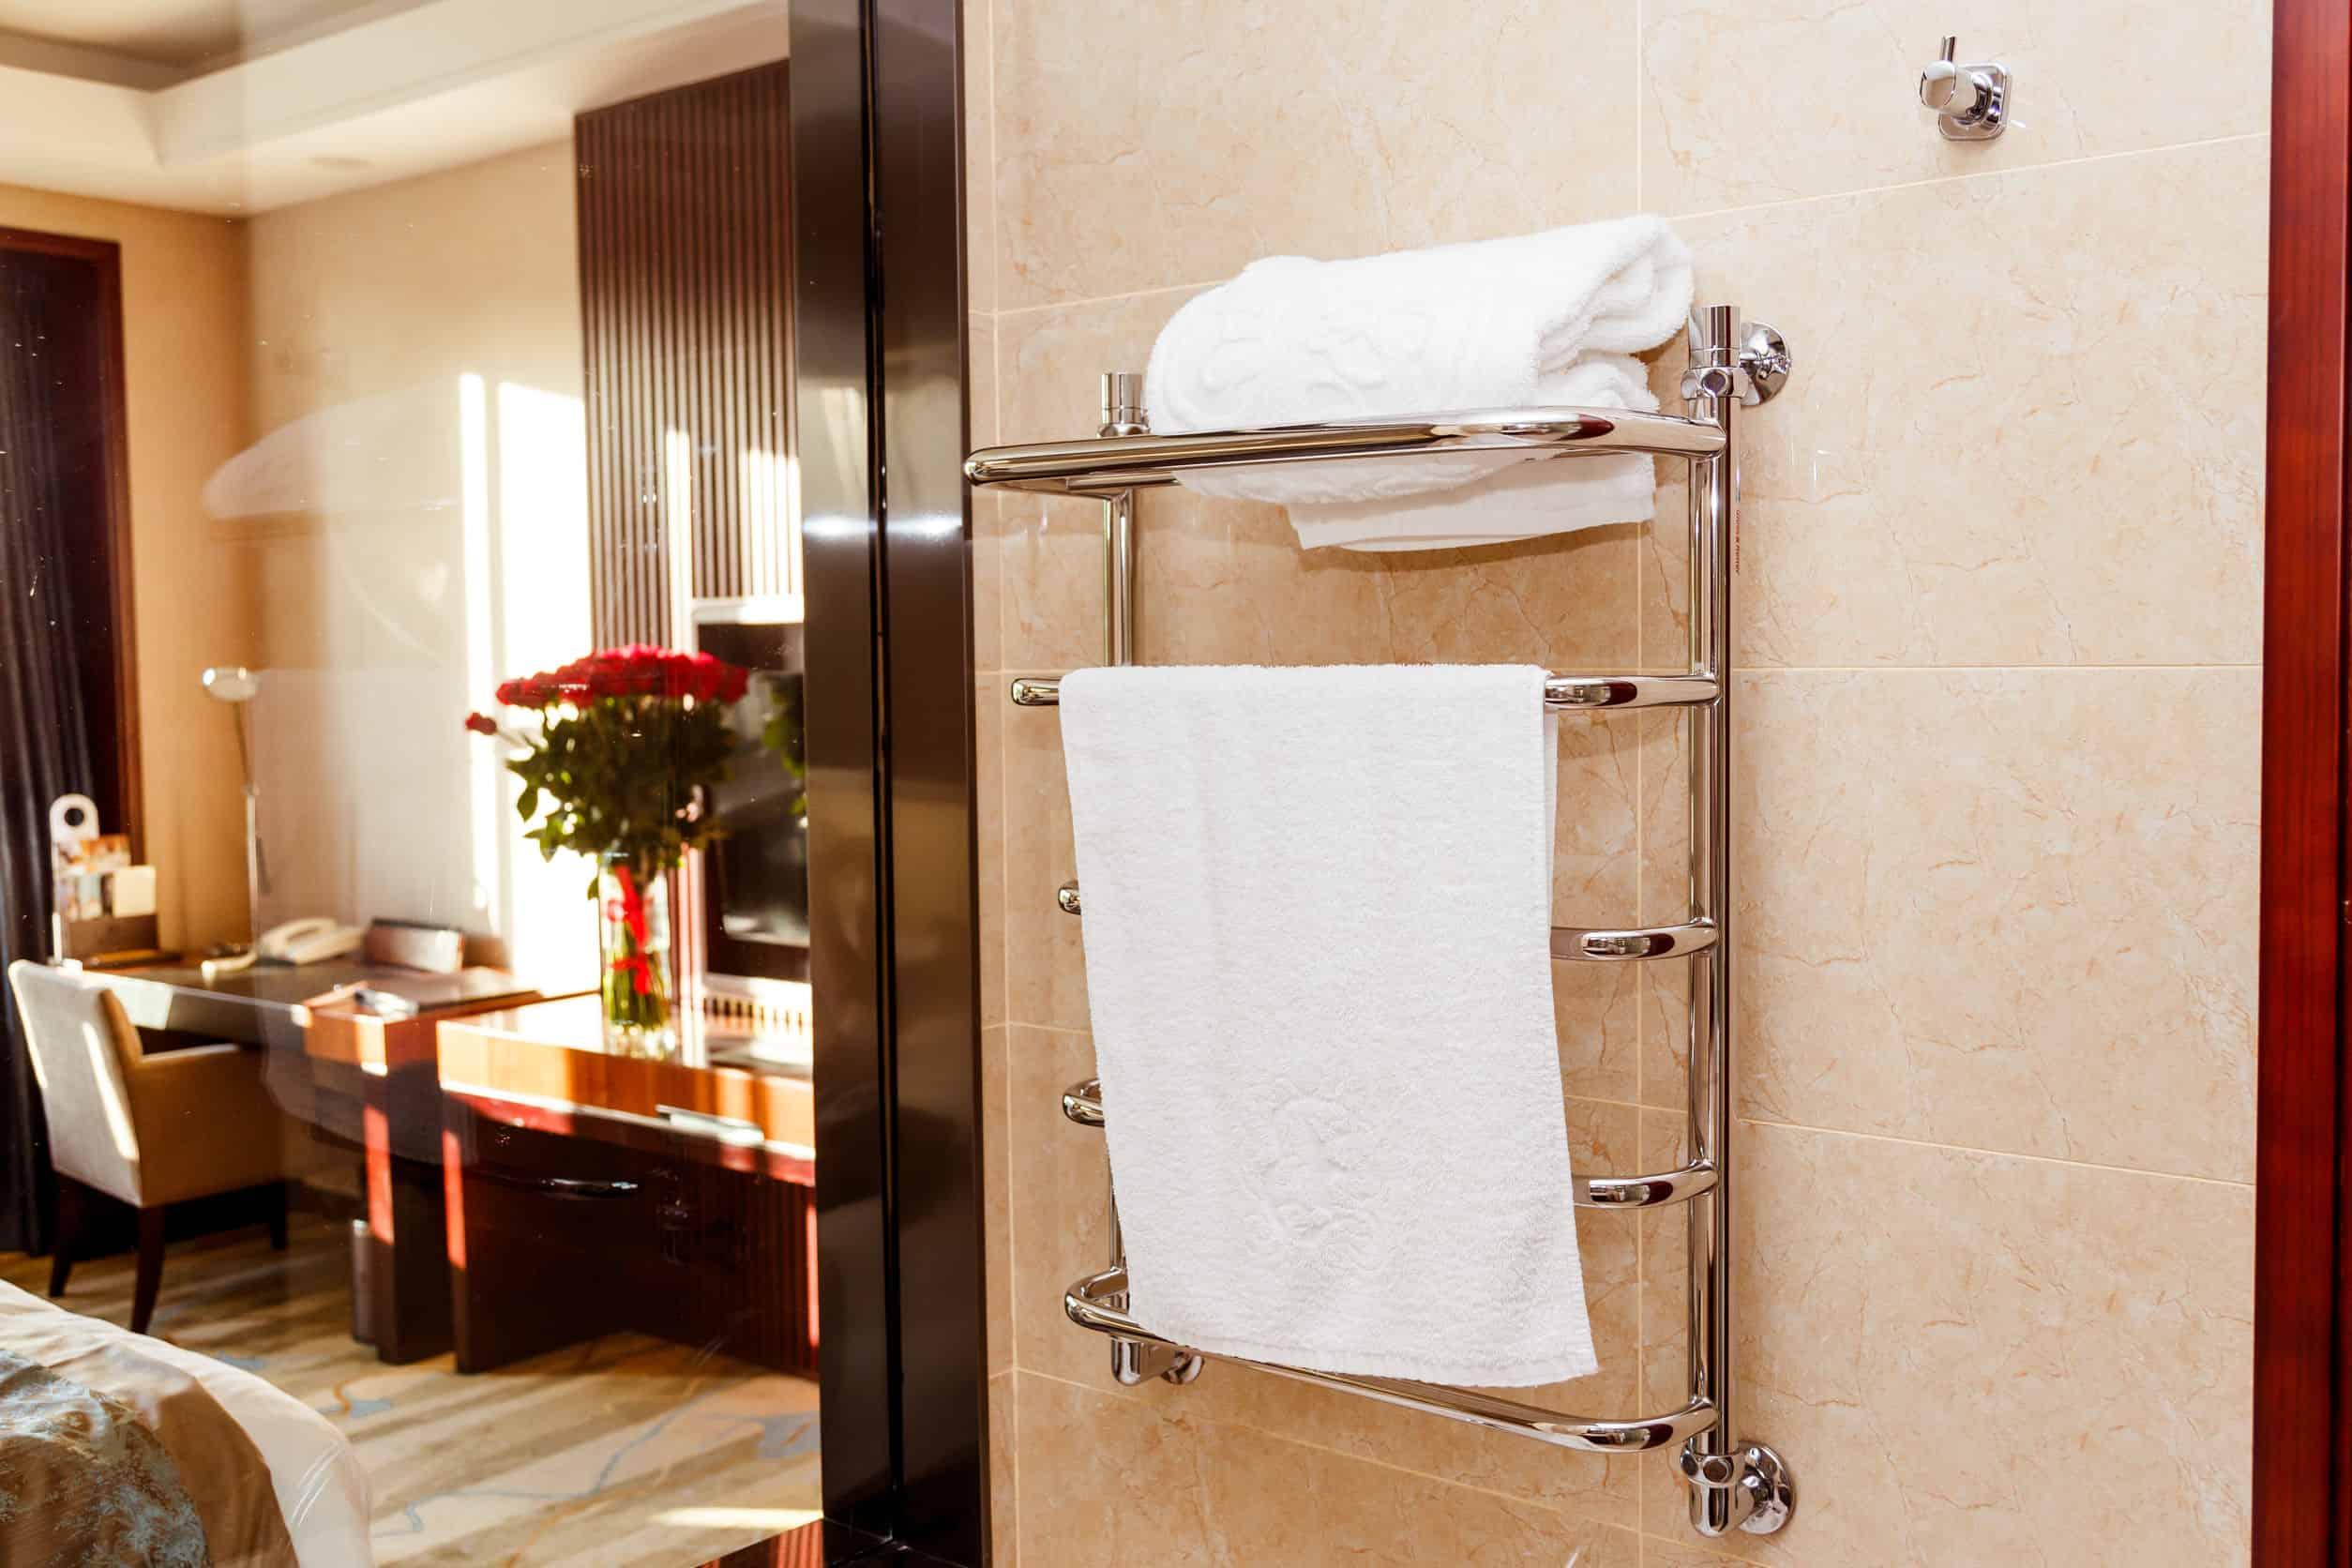 Handtuchhalter: Test & Empfehlungen (07/20)